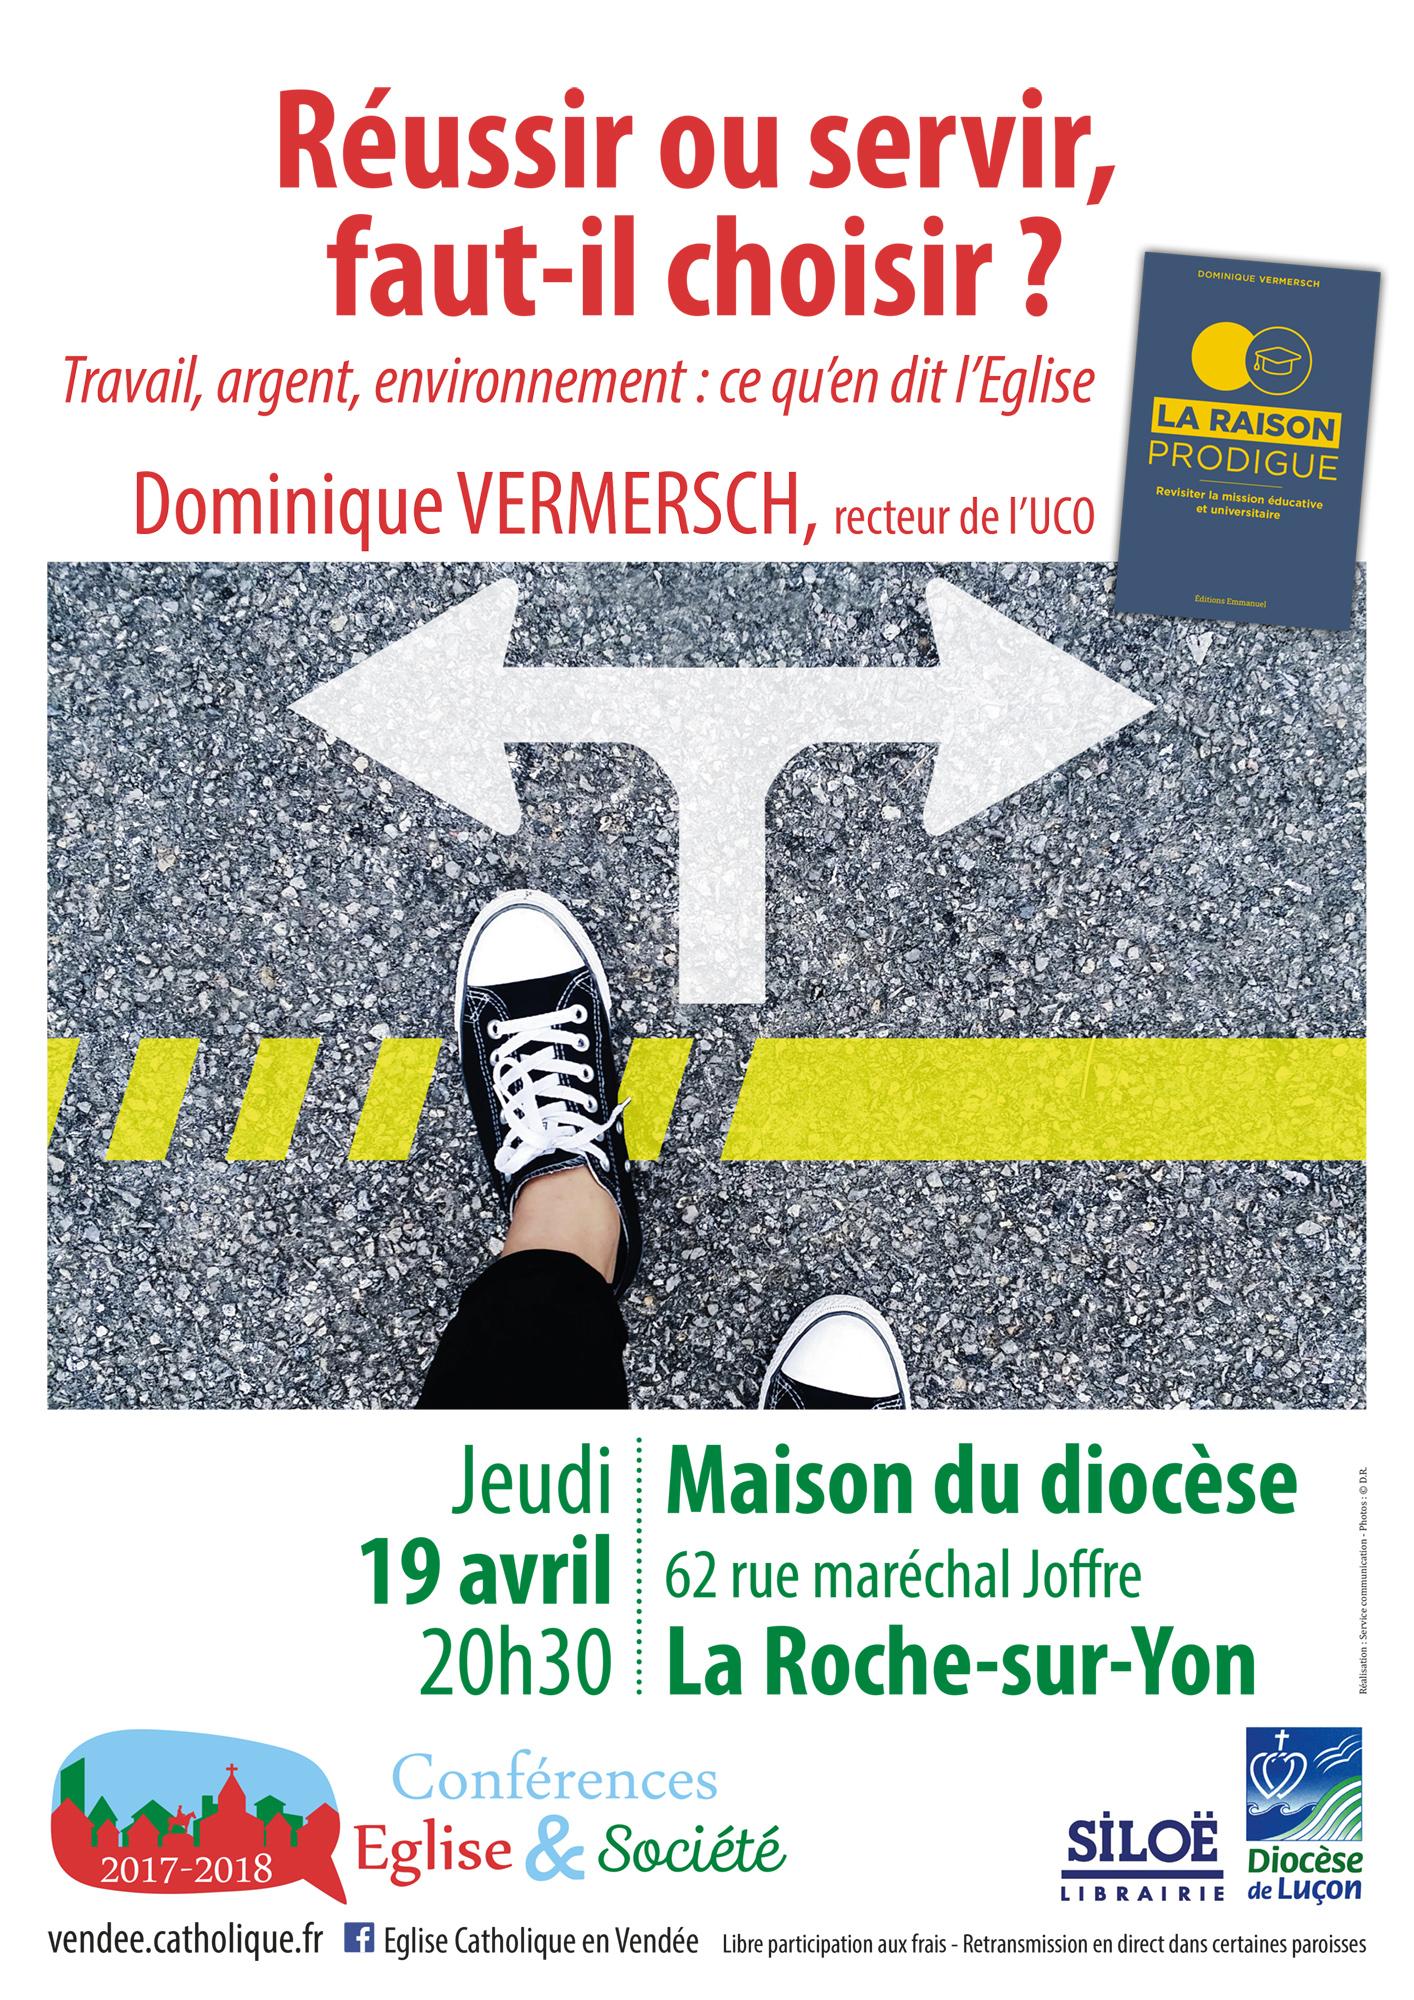 Conférence: Réussir ou servir, faut-il choisir? – le 19 avril 2018 à La Roche-sur-Yon (85)